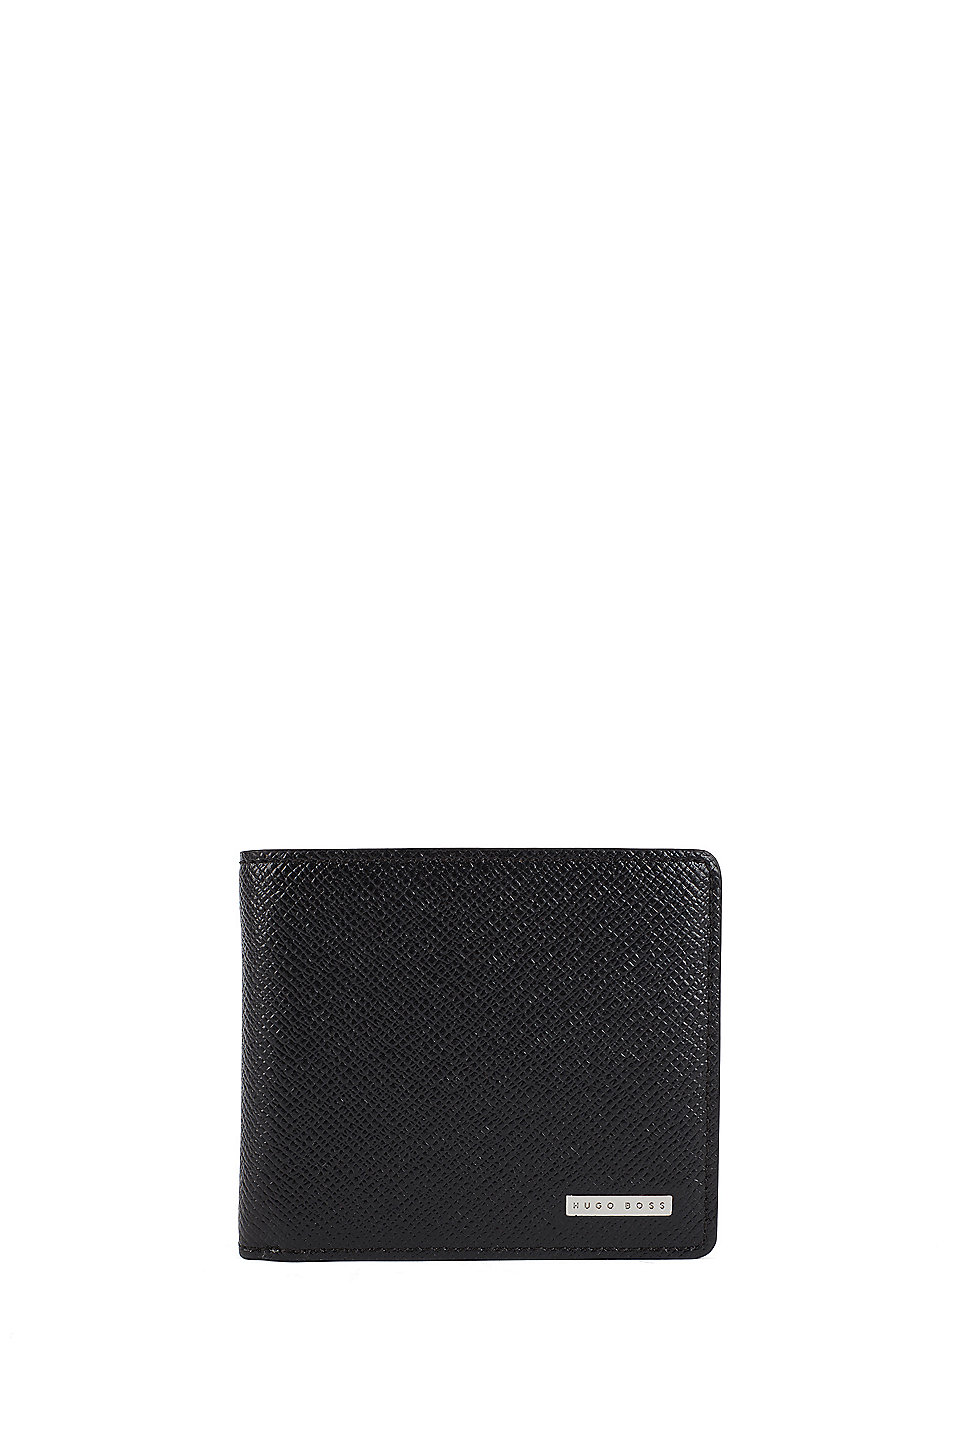 4f6b1c32c9 BOSS - 'Signature Trifold' | Calfskin Textured Wallet